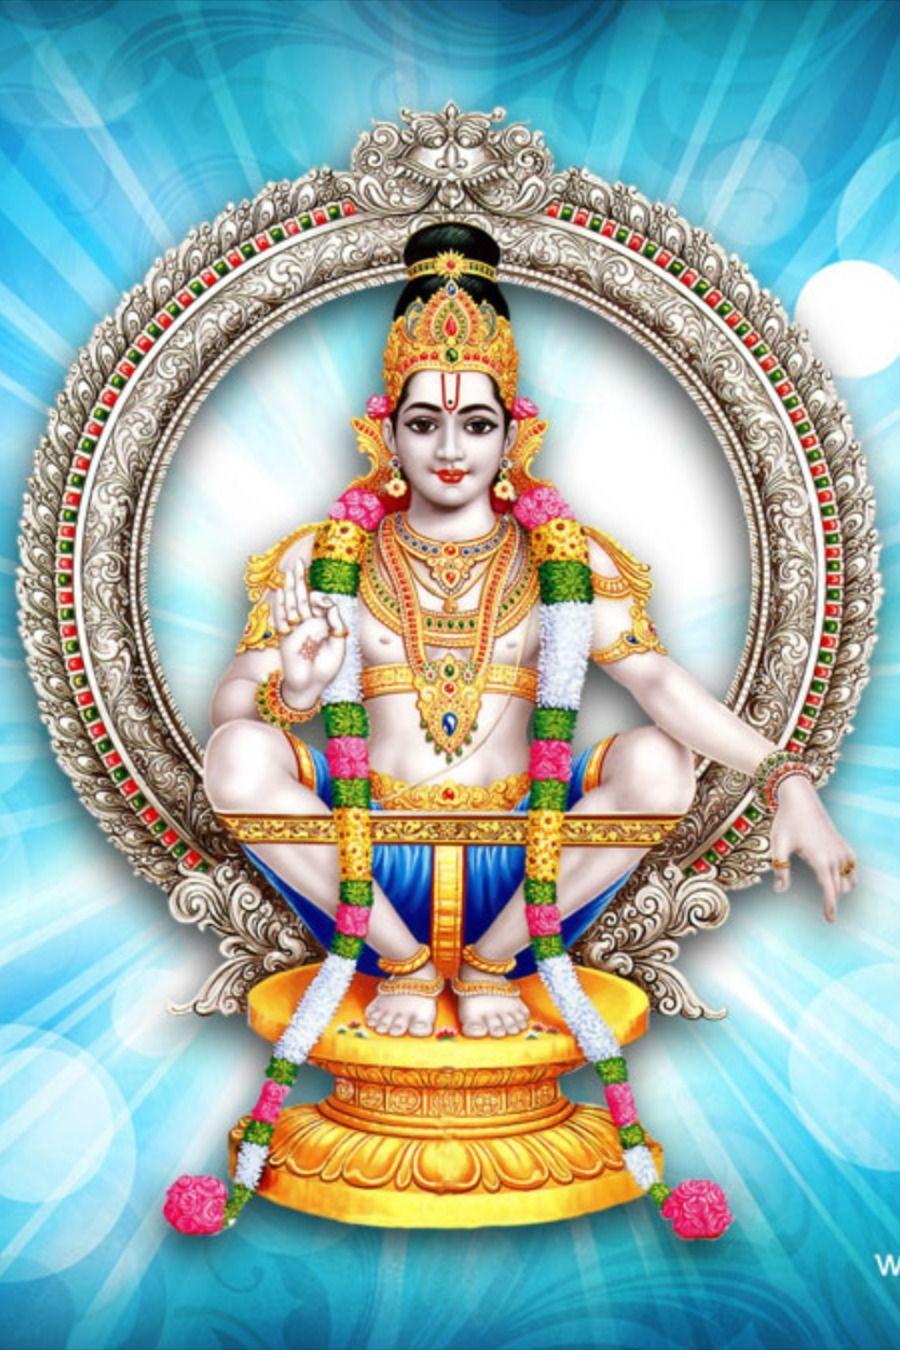 Pin By Vishnu Vishal On Makara Jyothi 2020 Lord Krishna Wallpapers Ayyappa Swamy Photos Lord Hanuman Wallpapers